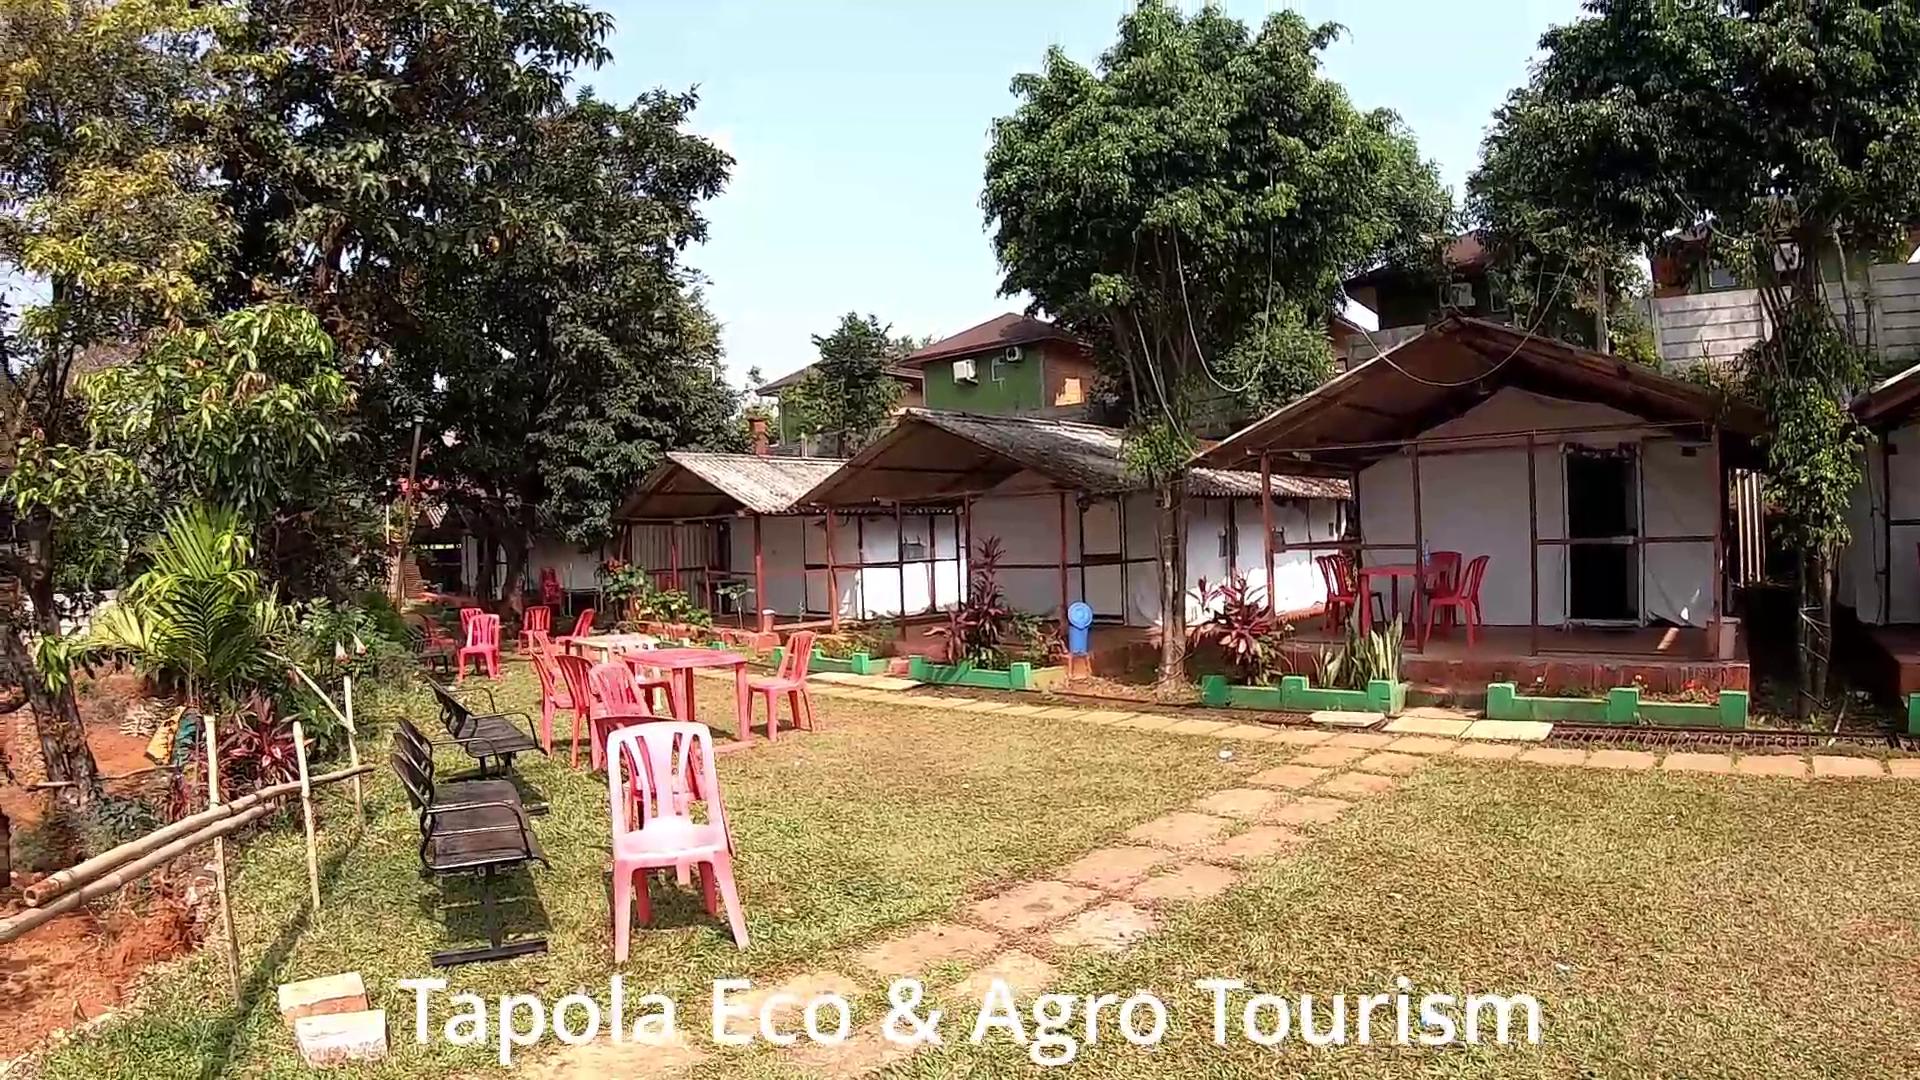 Tapola Eco & Agro Tourism garden